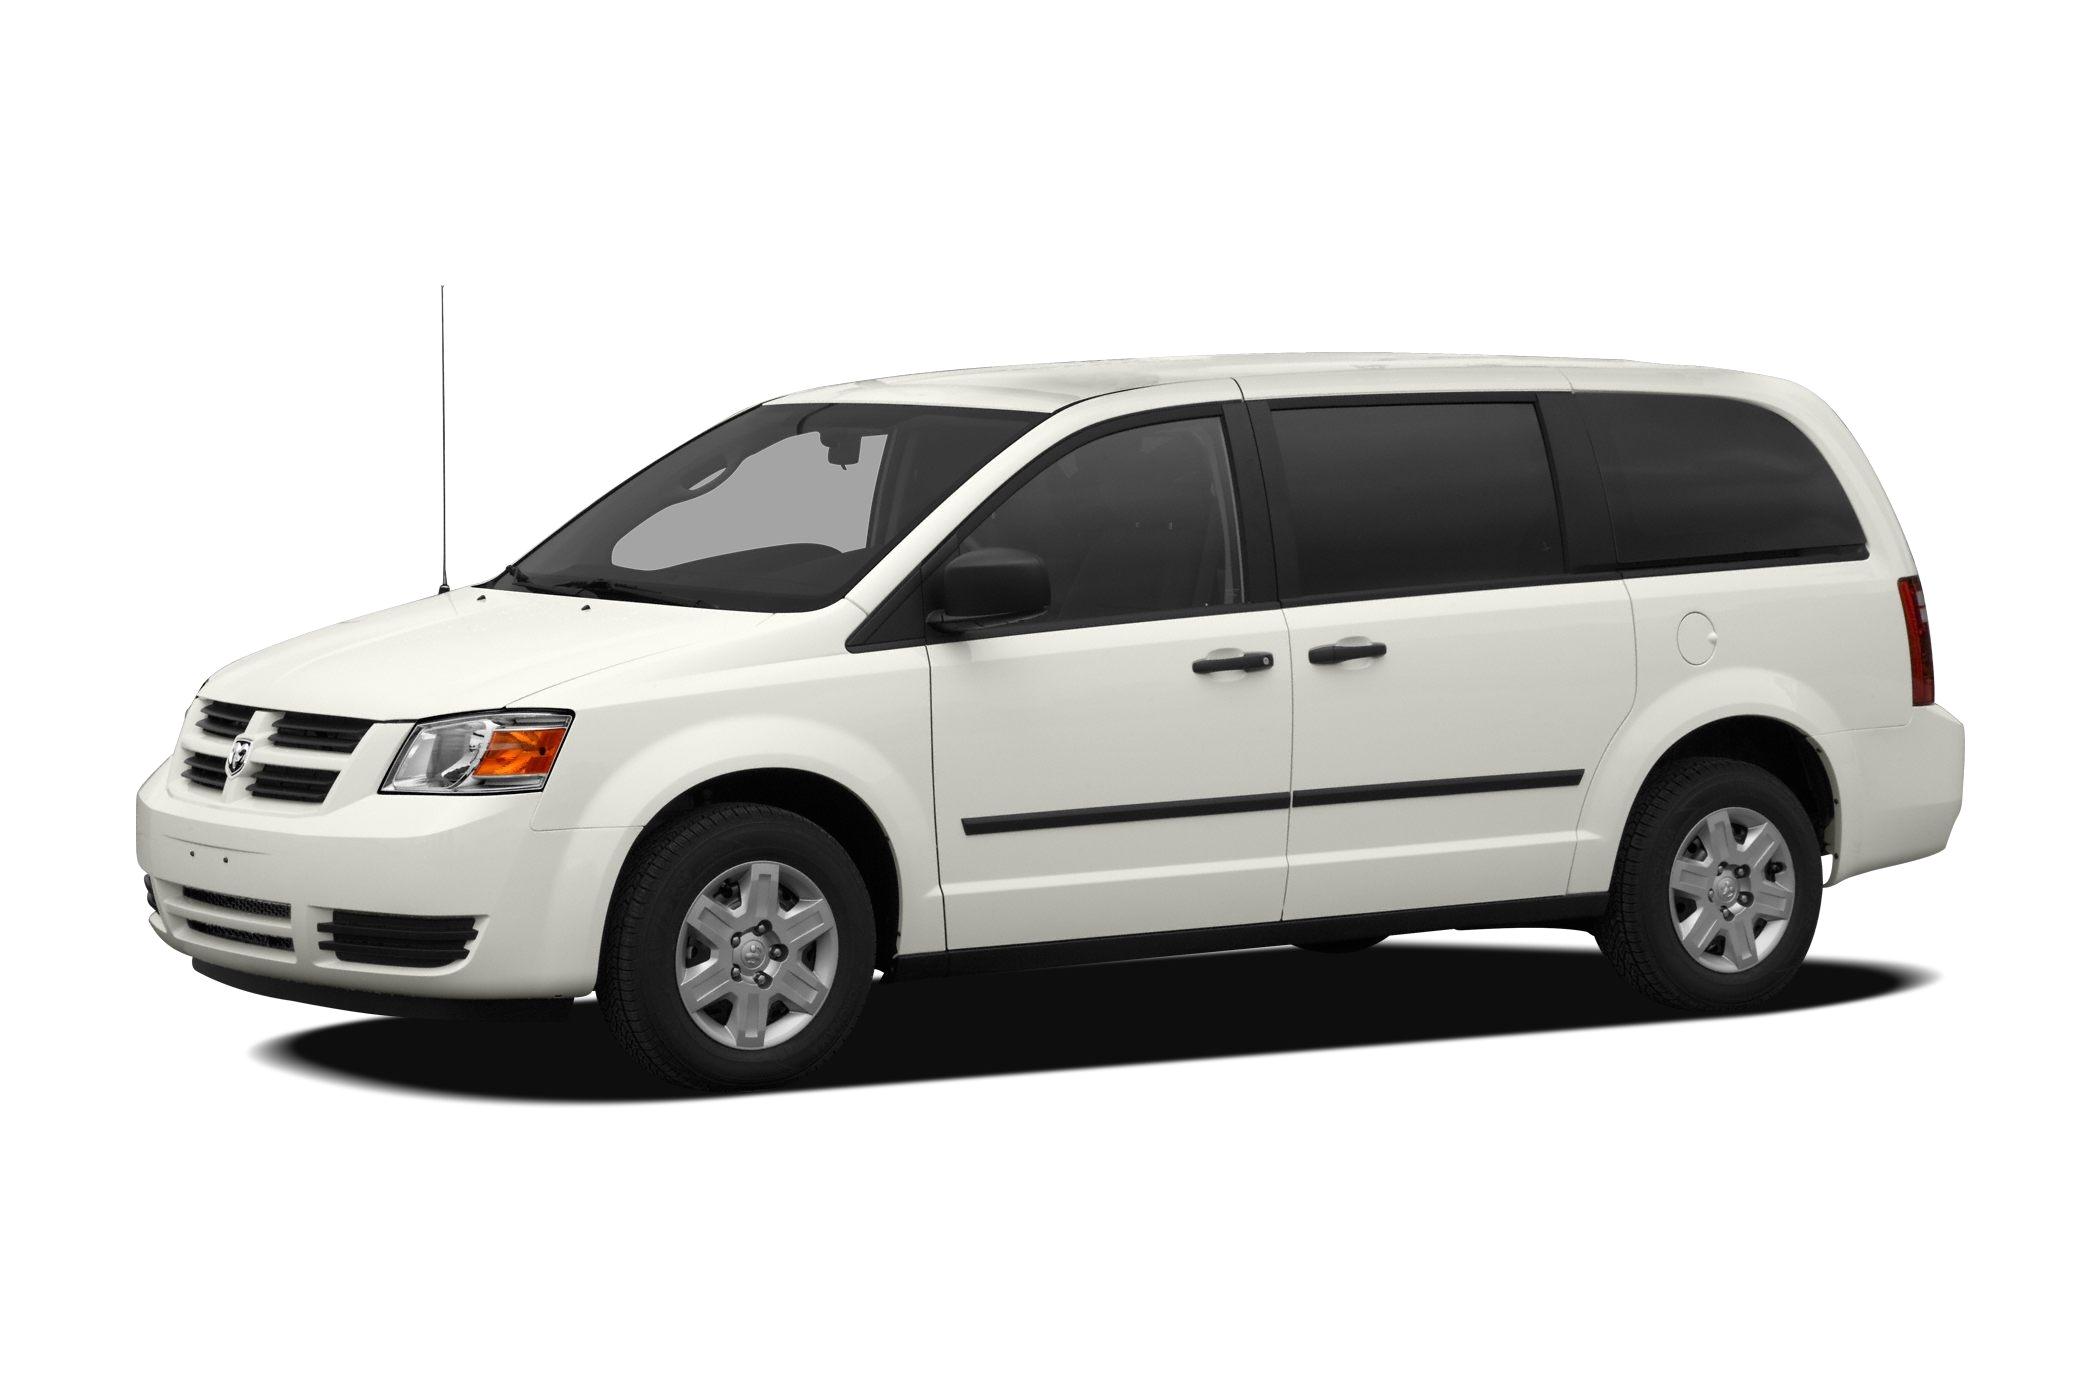 2007 Dodge Caravan Roof Rack 2010 Dodge Grand Caravan C V Cargo Van Specs and Prices